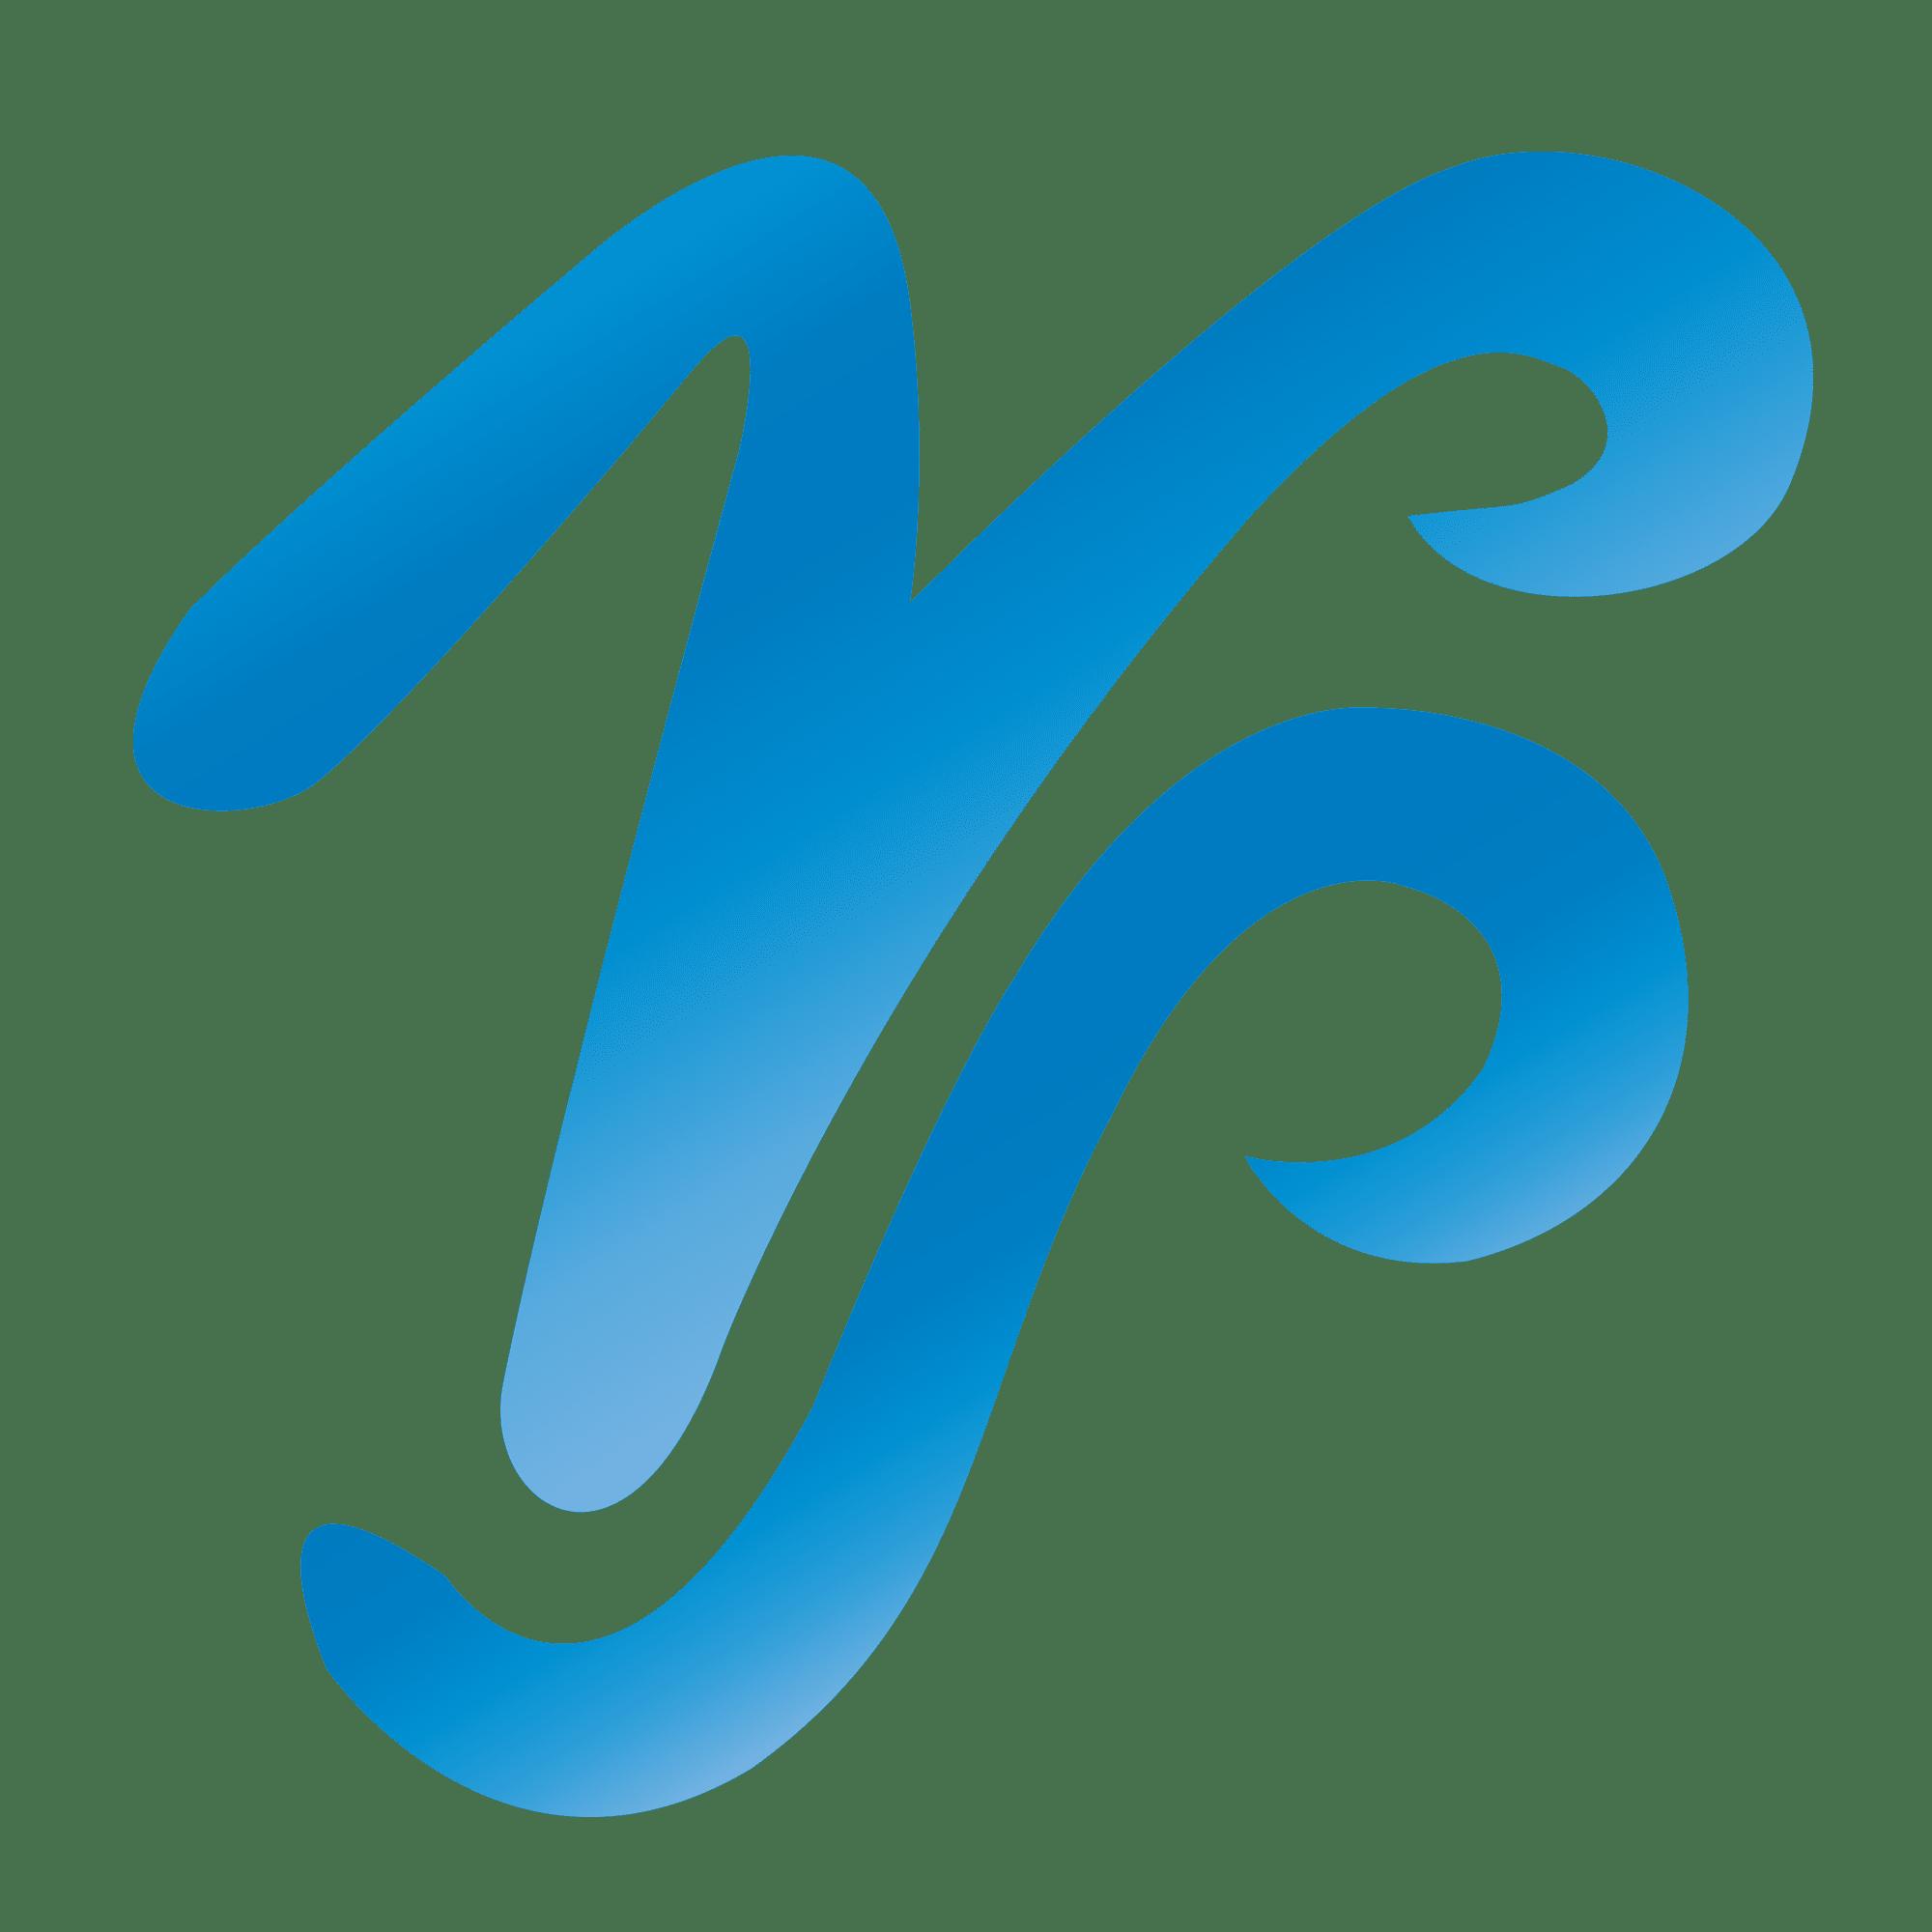 Logo Veronika Paireder